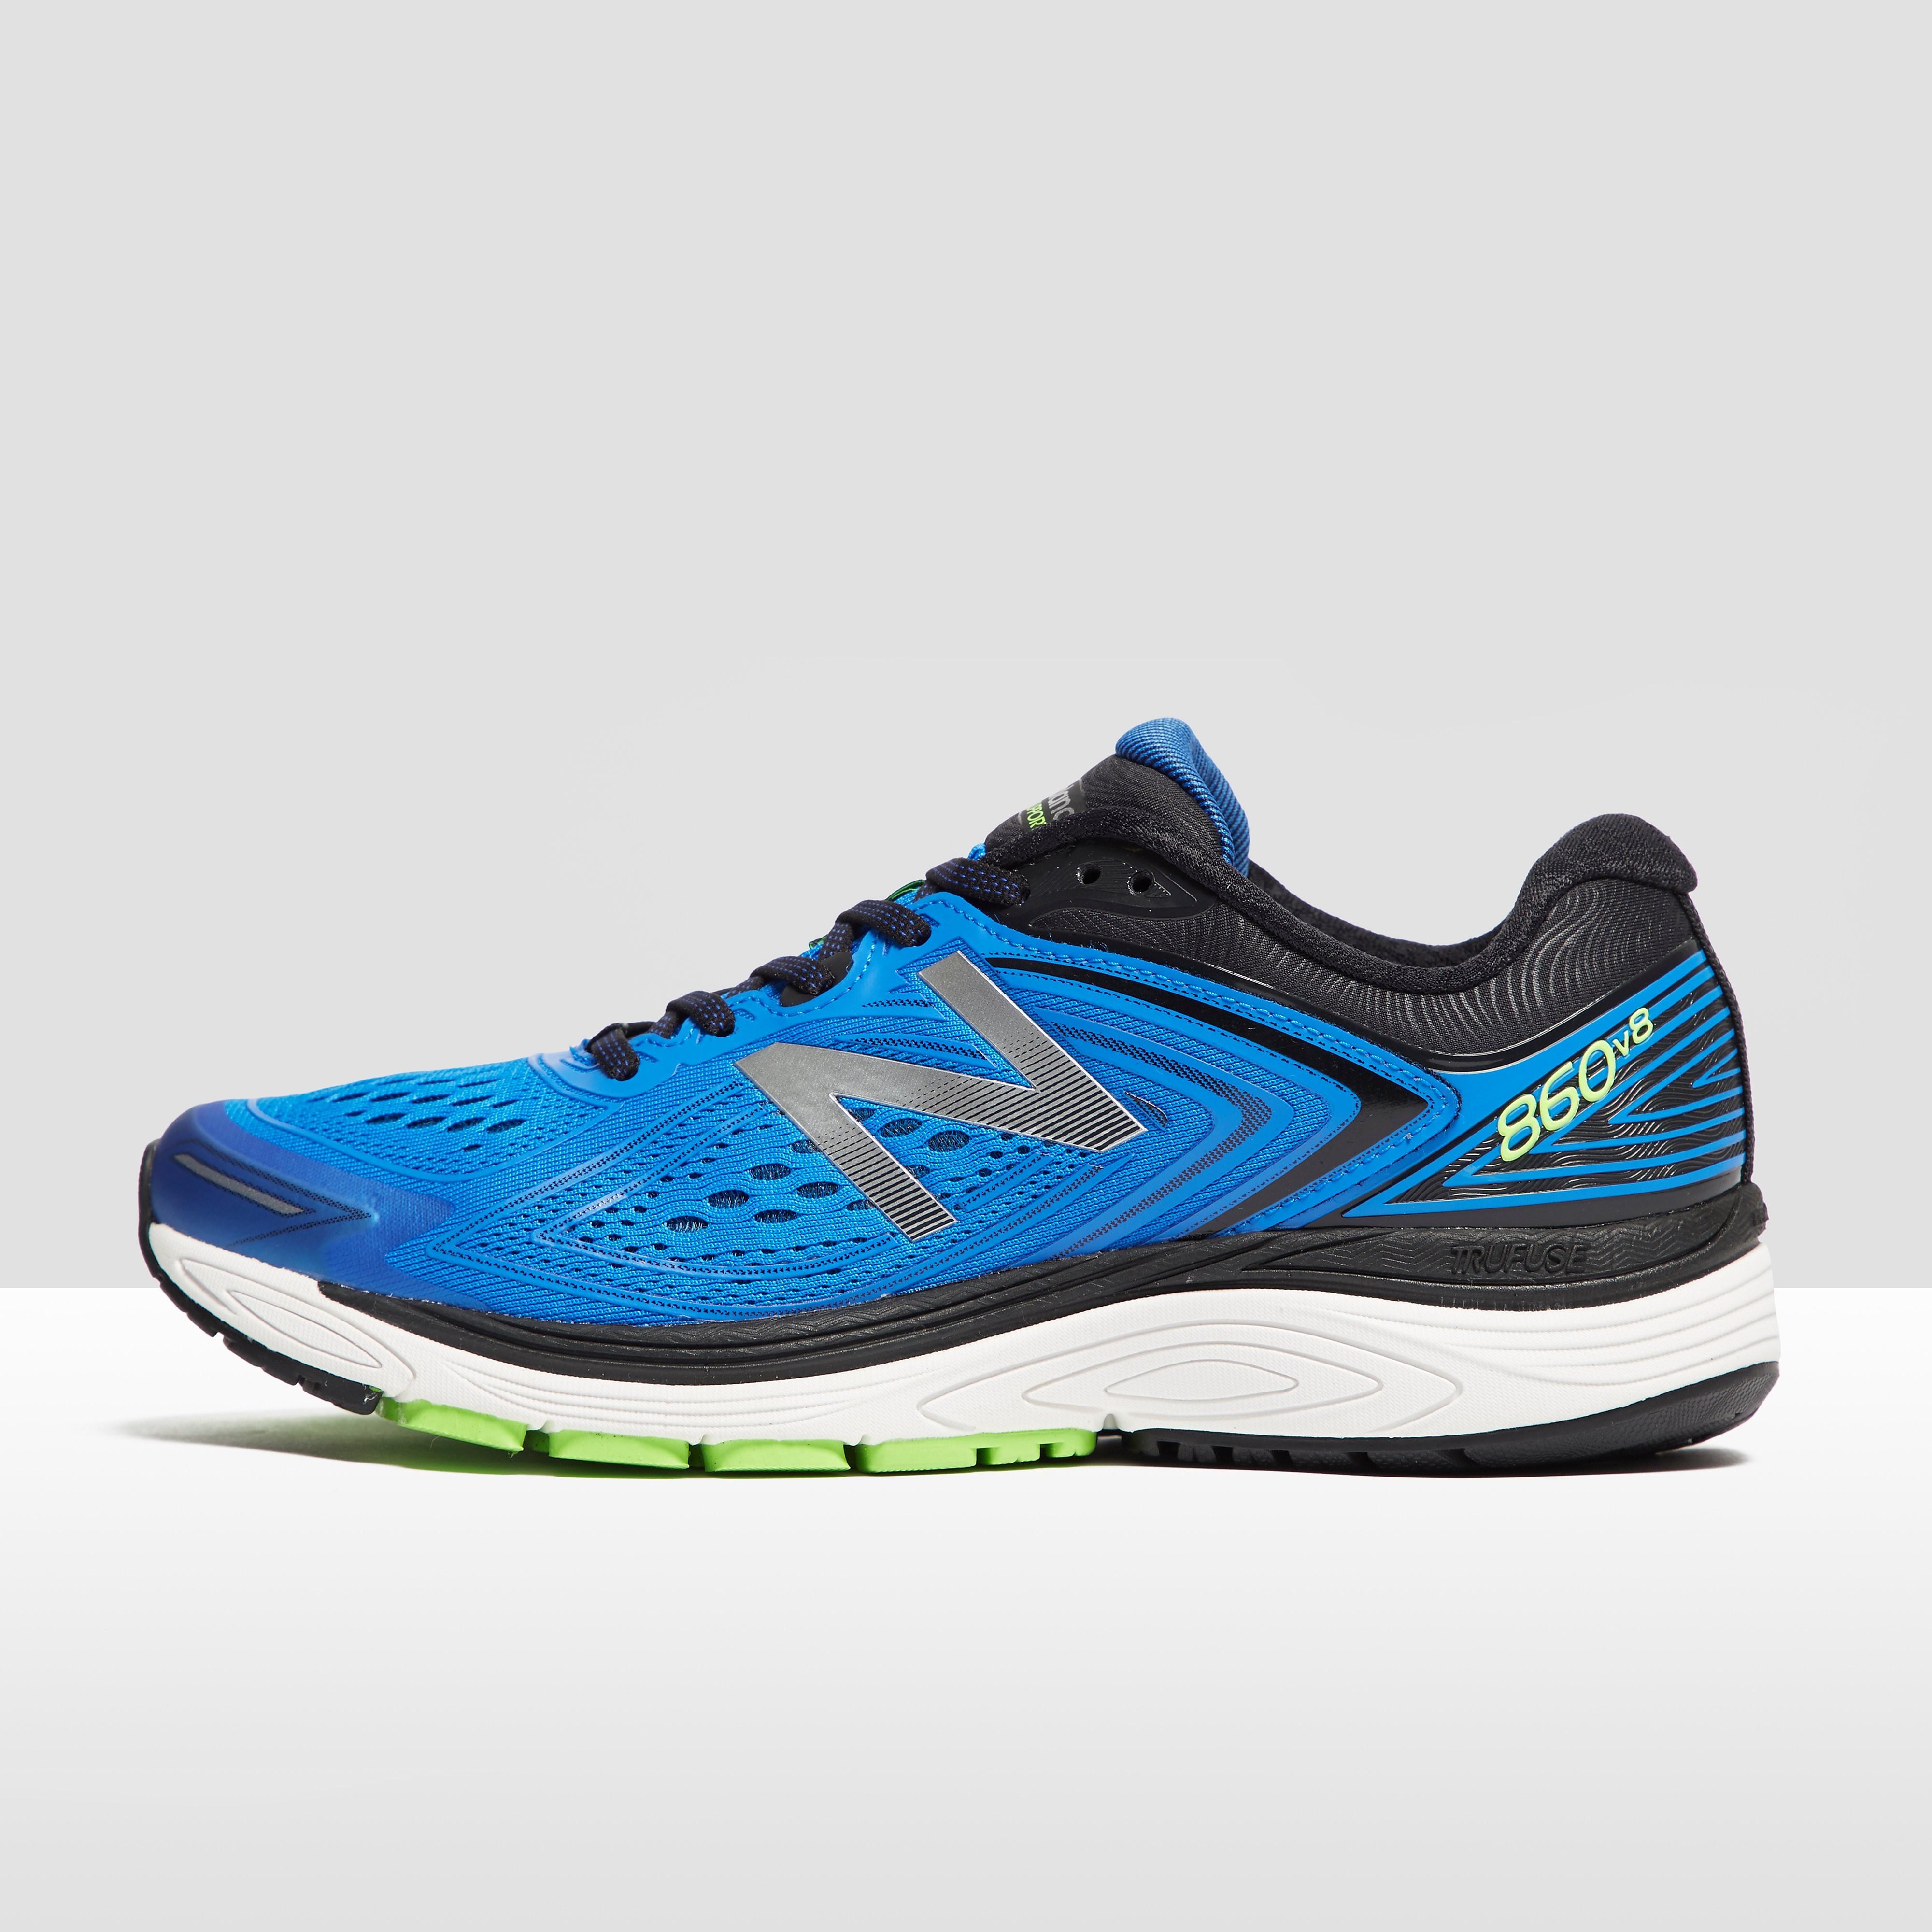 New Balance 860v8 Men's Running Shoes